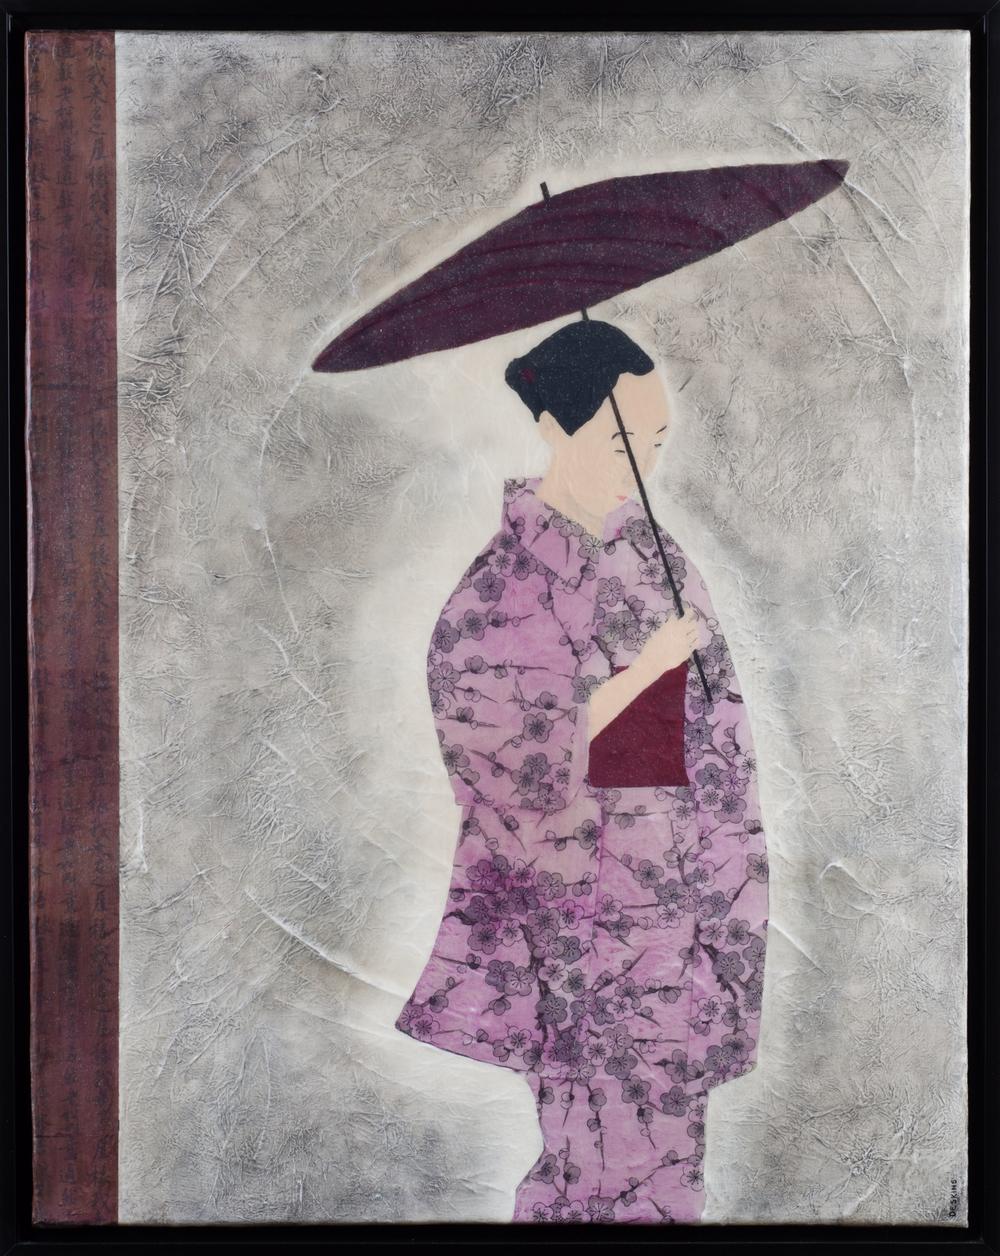 Solitude Painting framed in a black floating frame by Terri Deskins